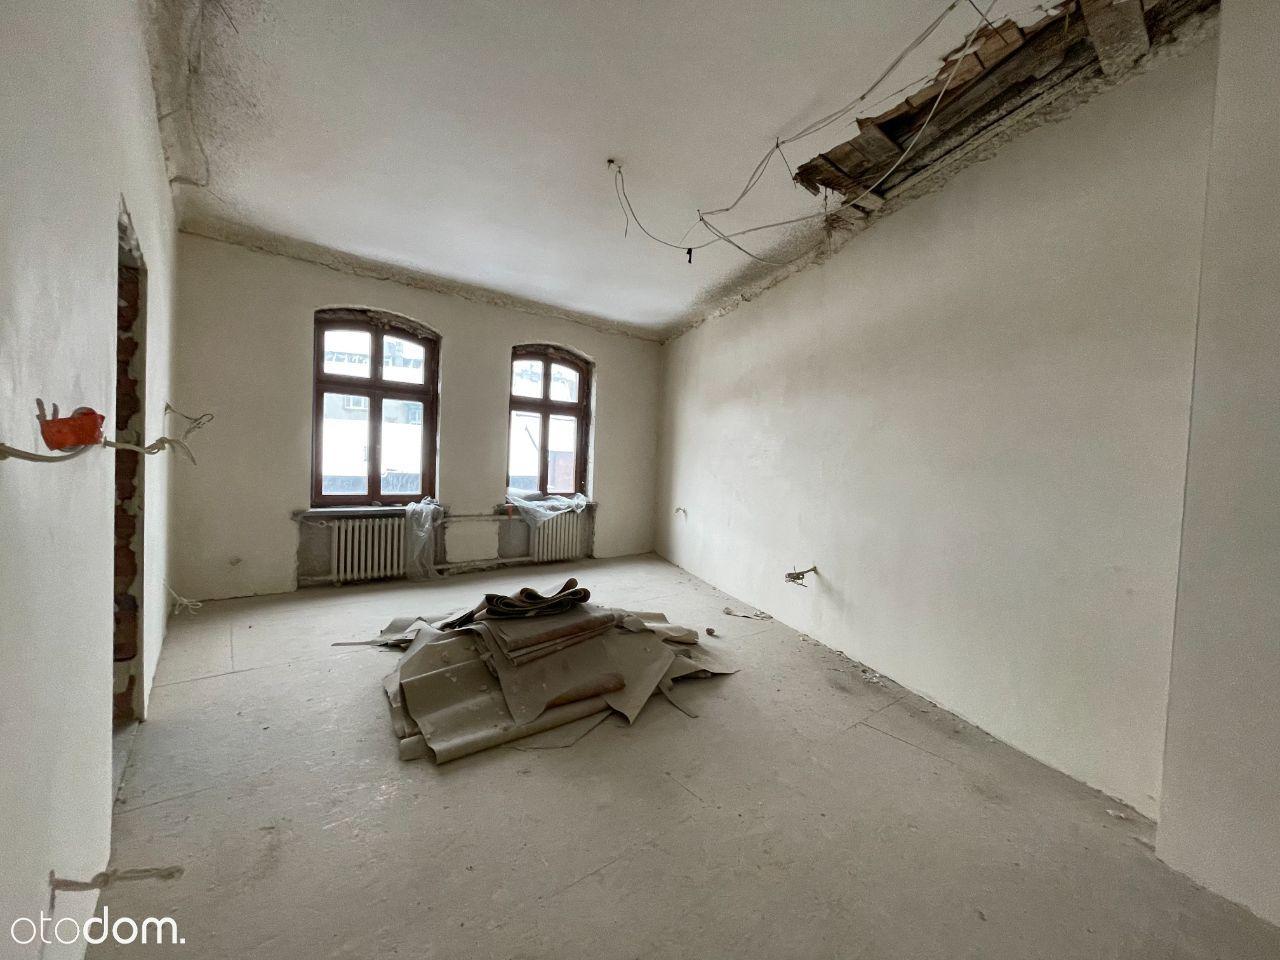 Lokal mieszkalny do remontu 121m2, centrum